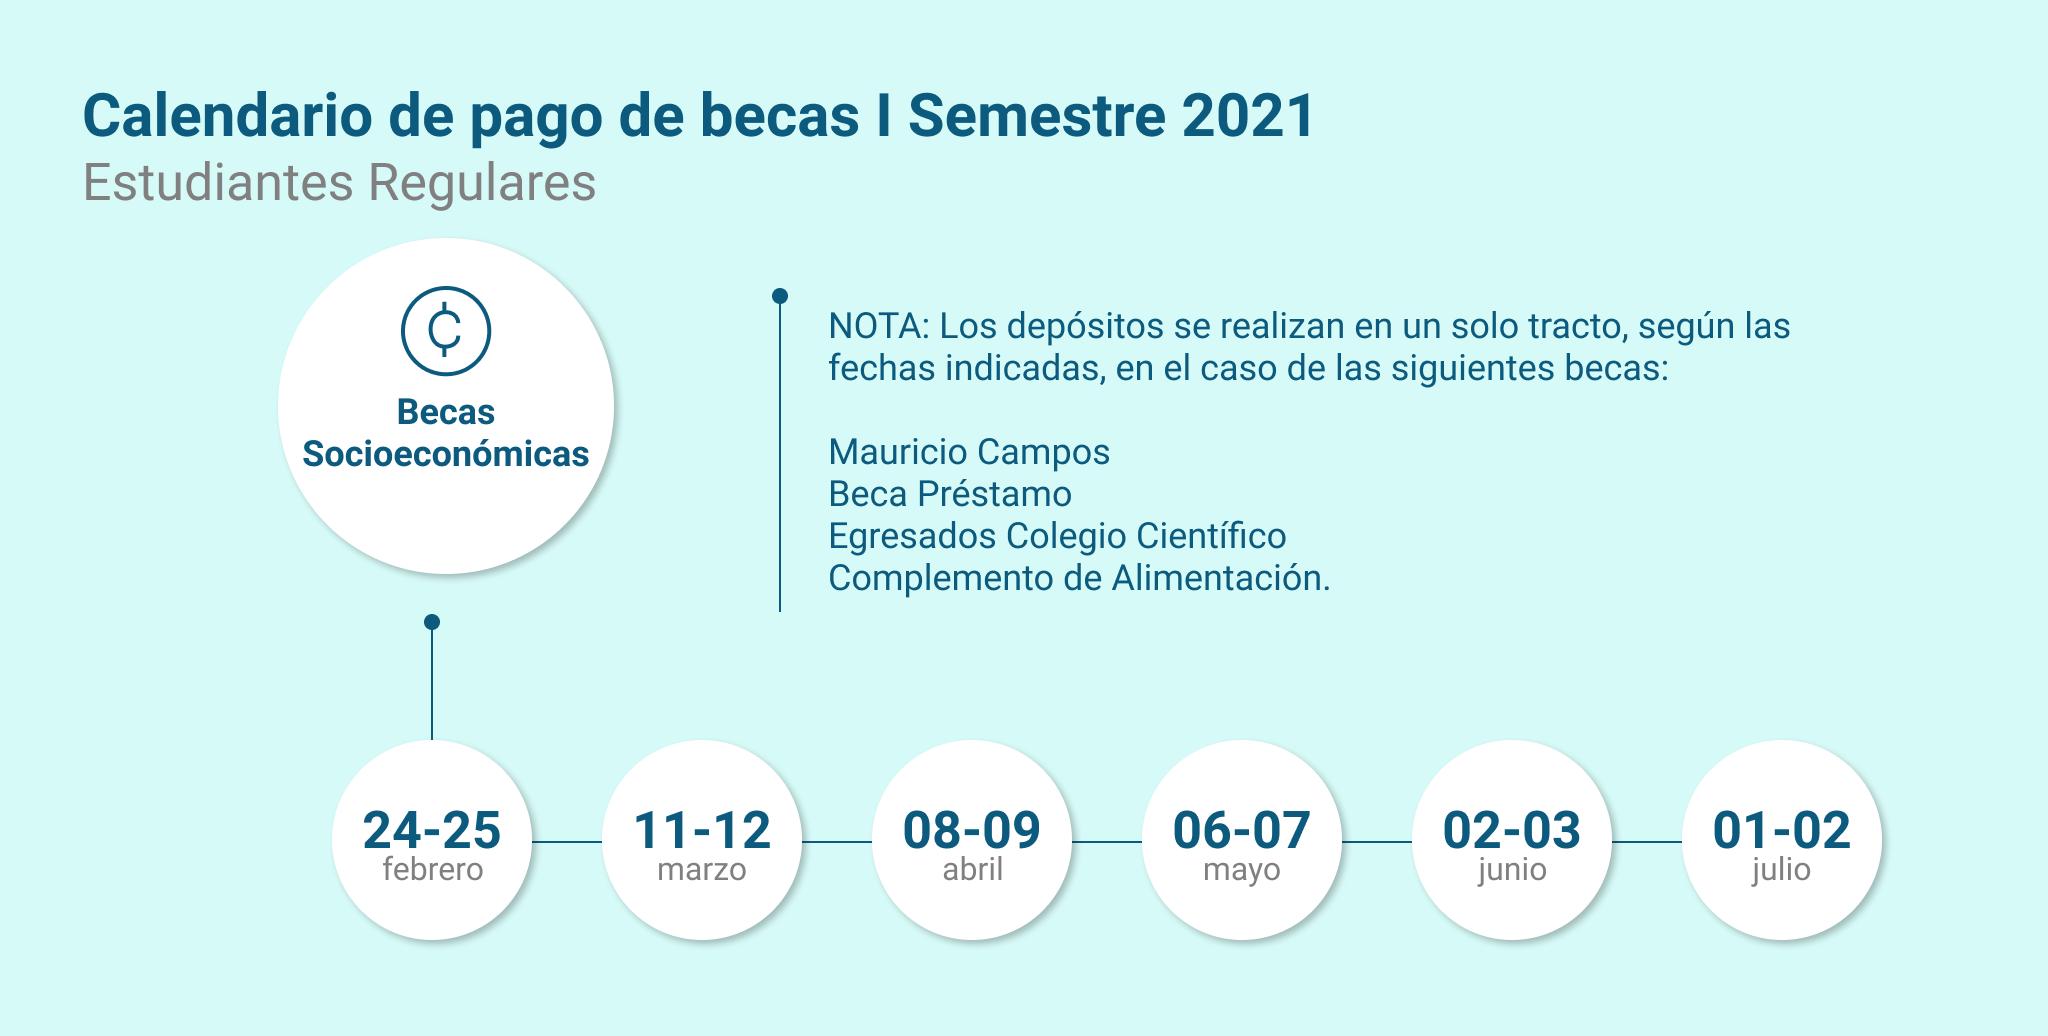 Fechas de pago de las becas Socioeconómicas I Semestre 2021